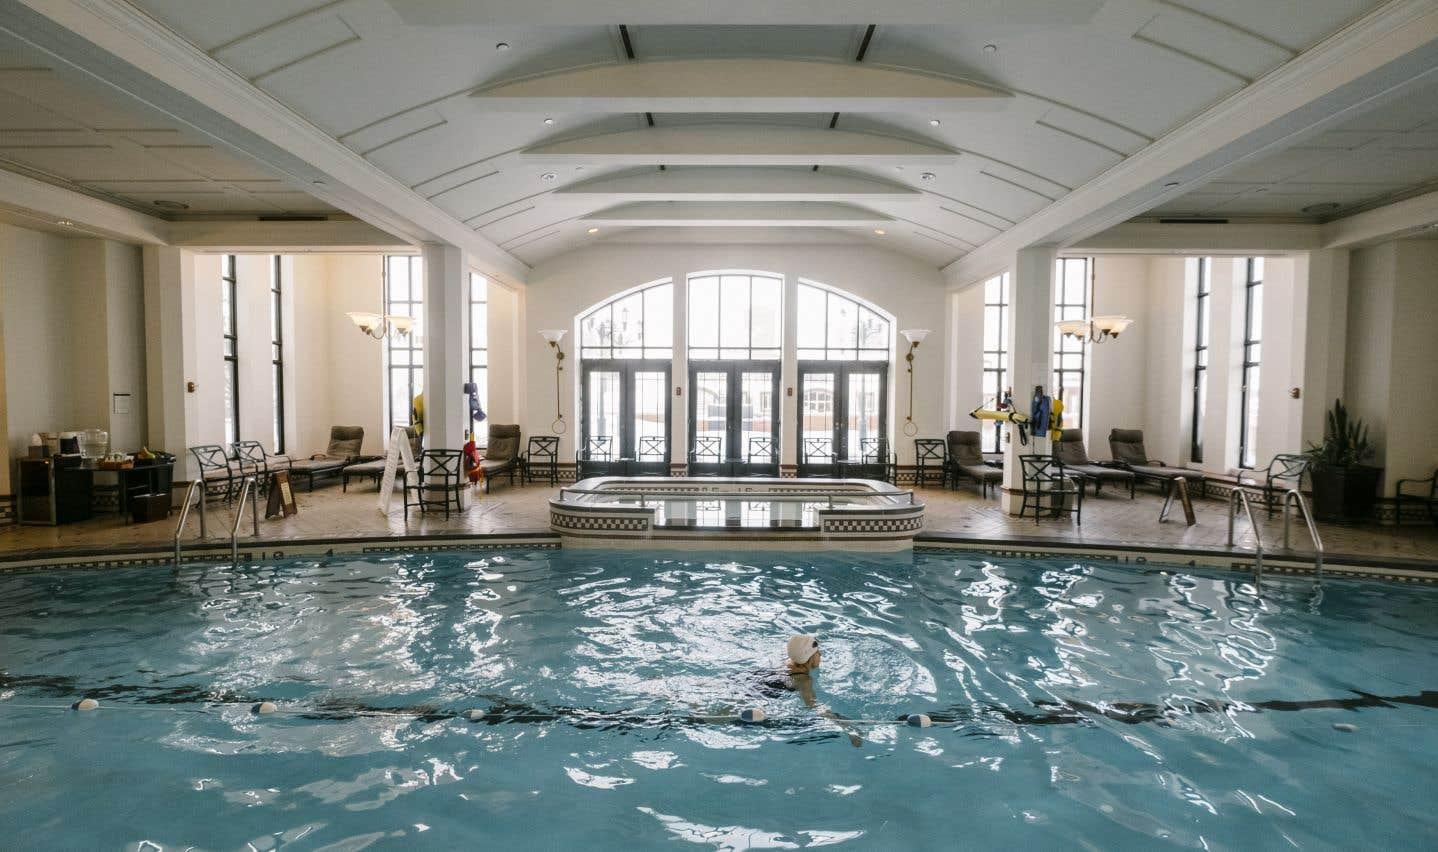 La piscine a été ajoutée lors des derniers grands travaux d'importance, en 1993.